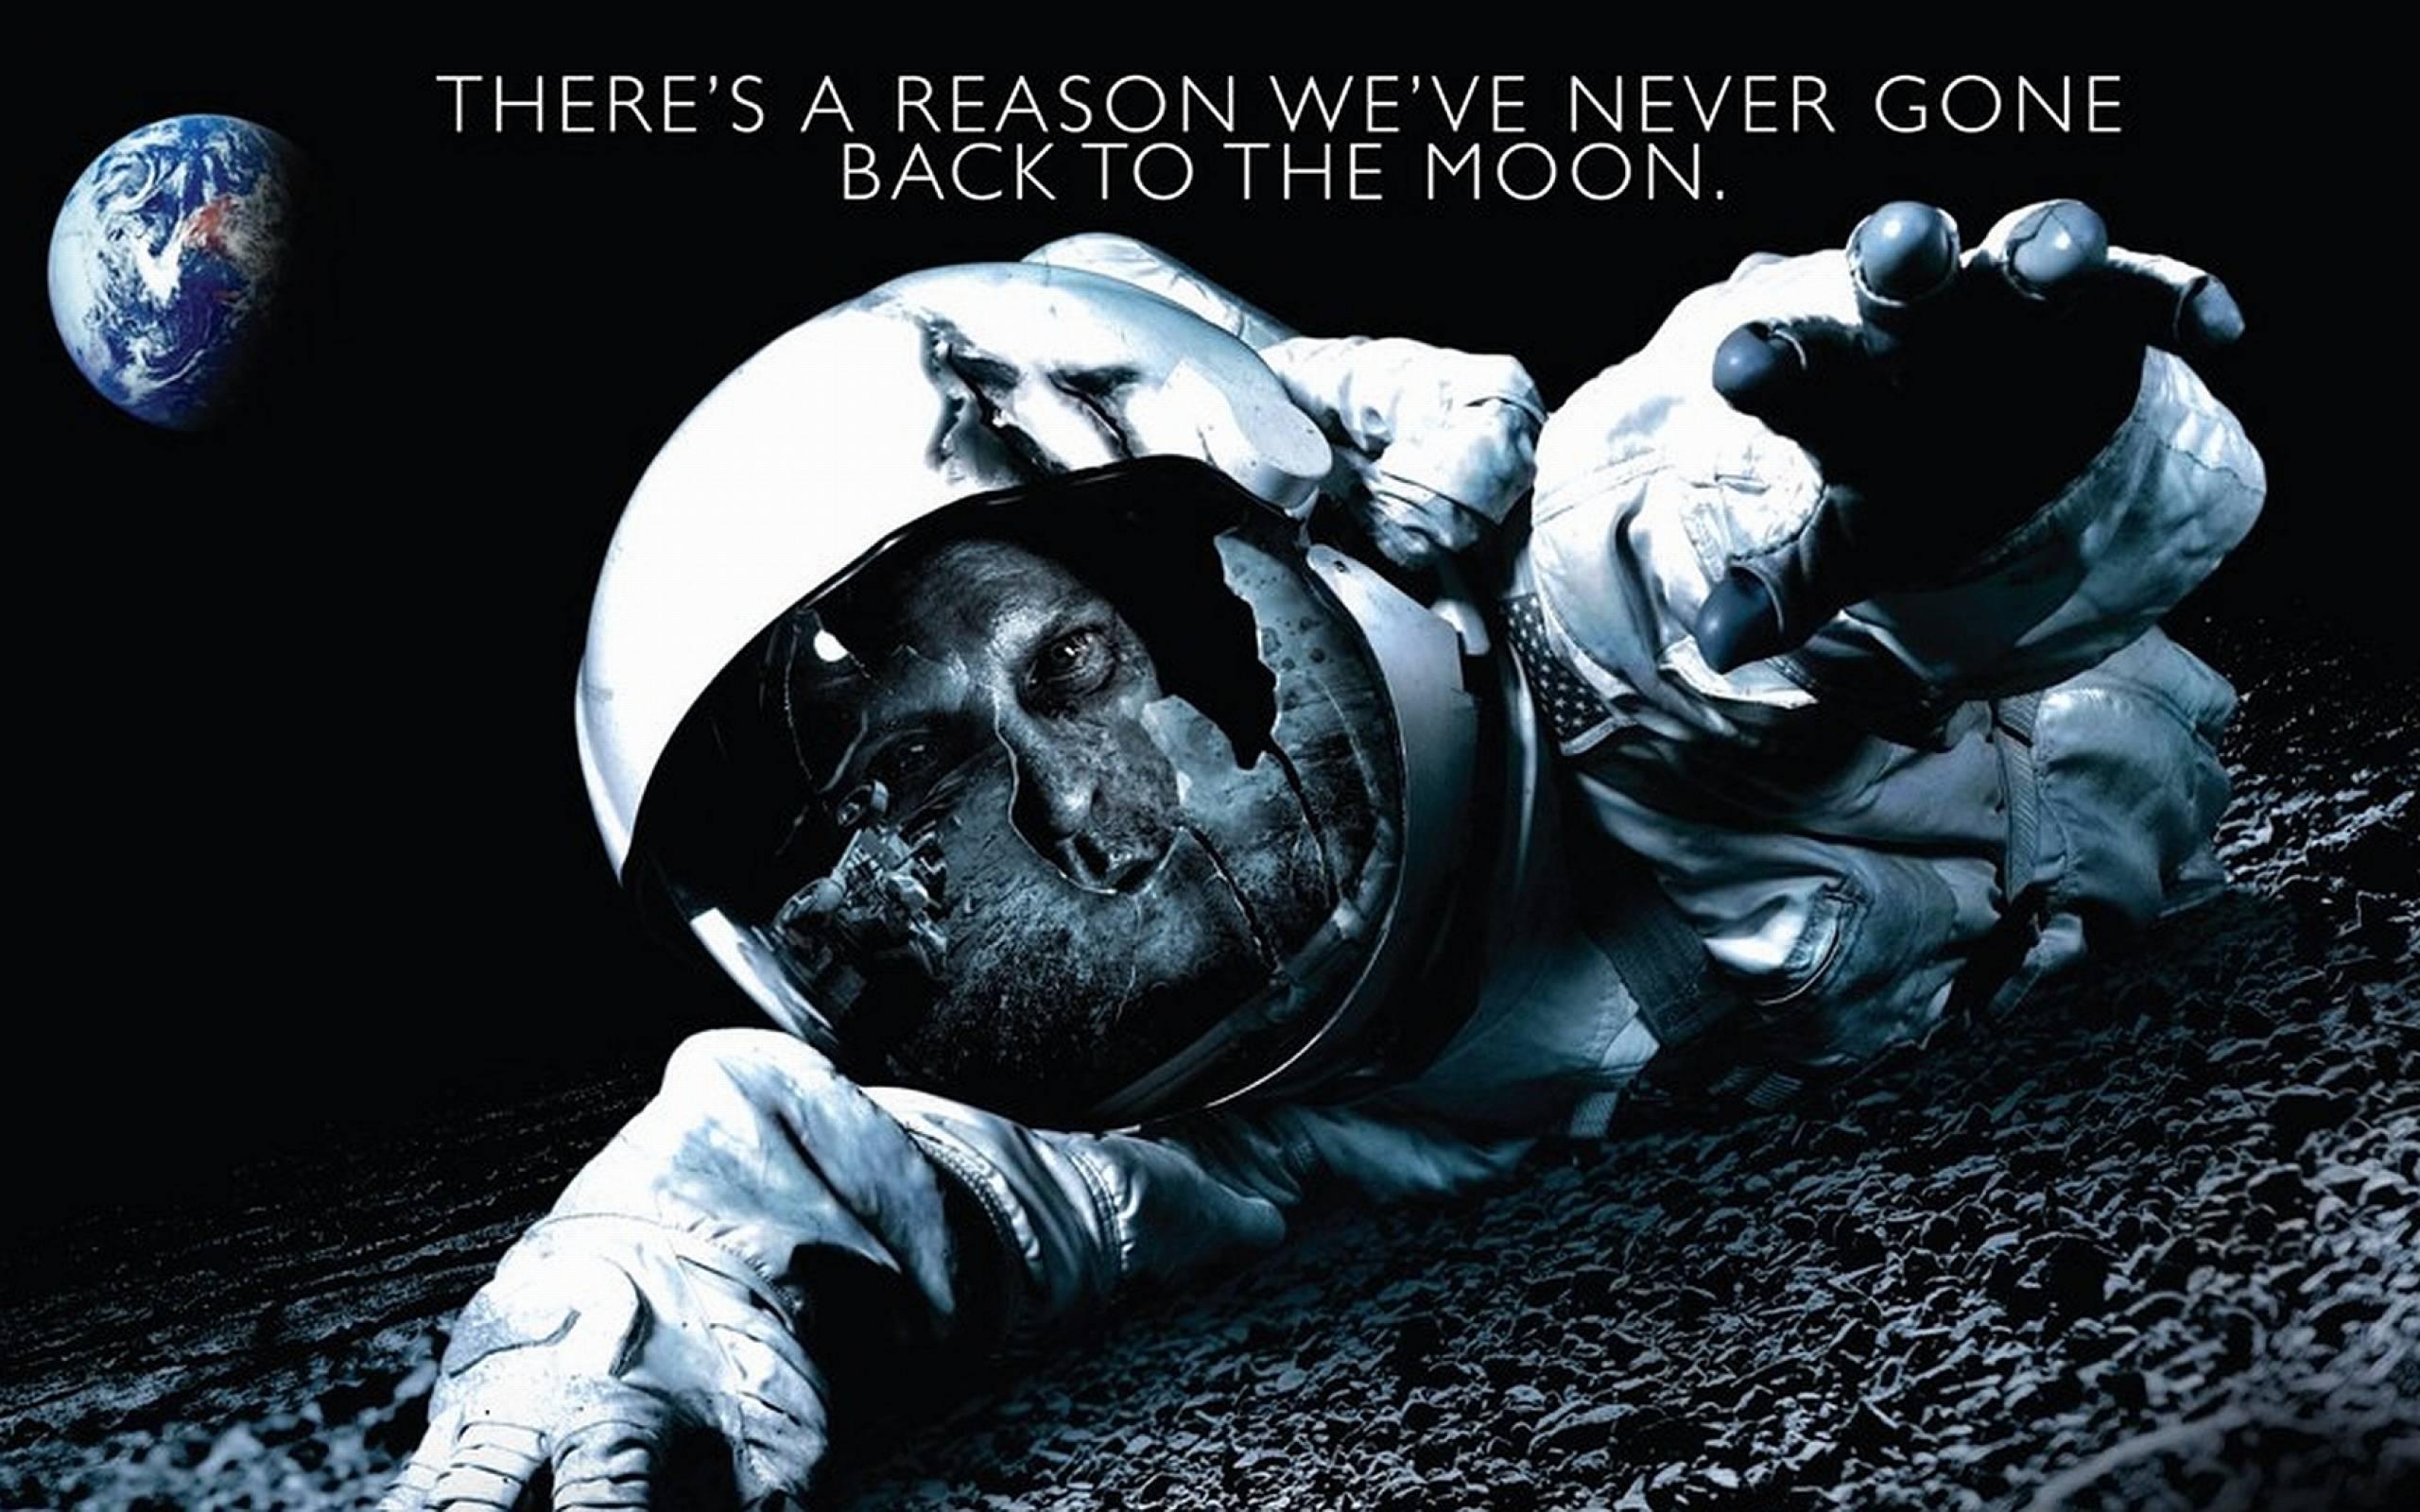 Apollo 18 Wallpaper   Science fiction Wallpaper 2560x1600